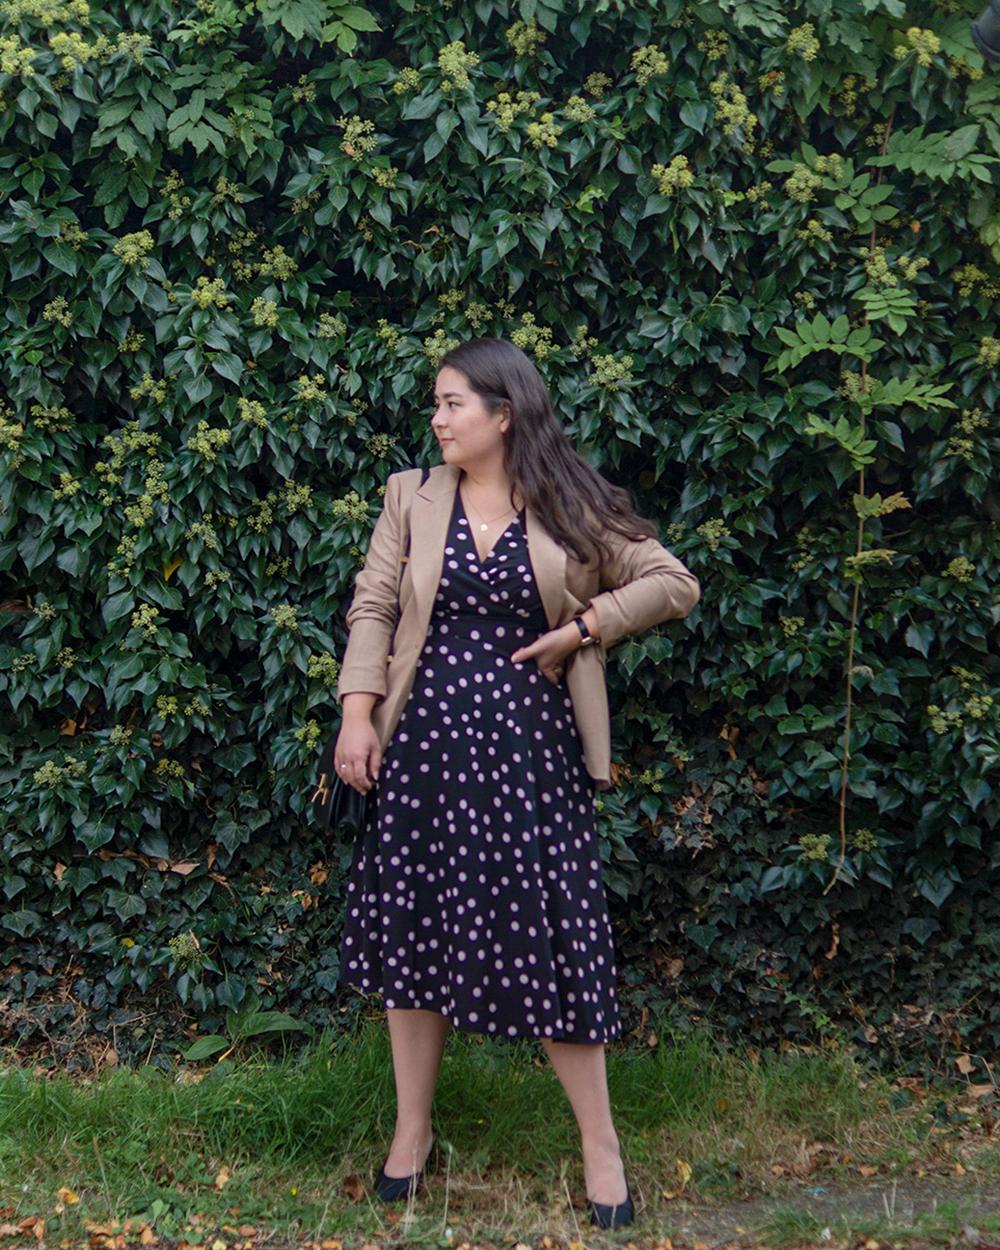 Midsize-classic-style-dress-blazer-chic